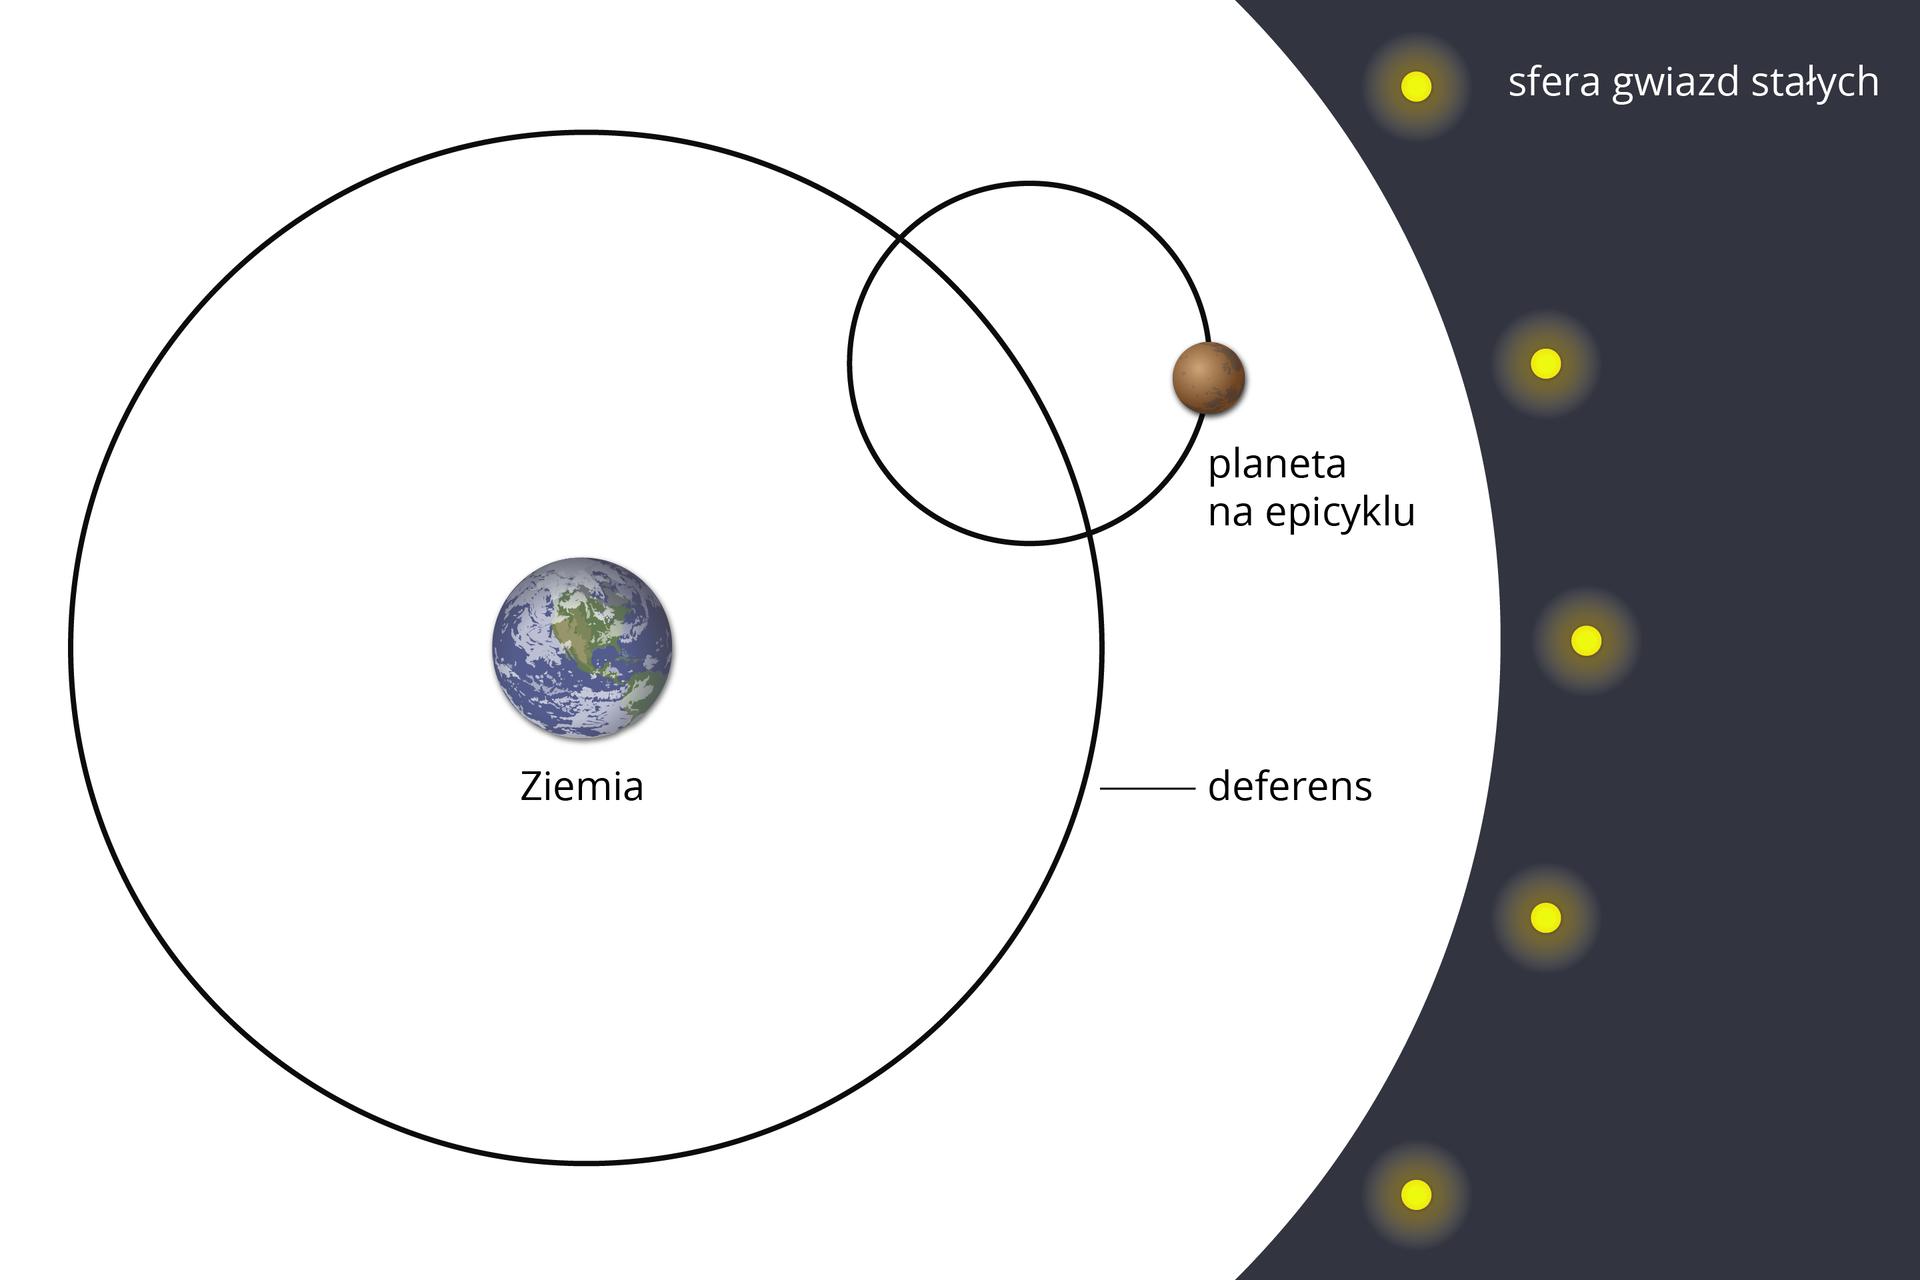 """Ilustracja przedstawia epicykle ideferensy. Tło białe. Po środku ilustracja Ziemi. Prawa część ilustracji ciemnoszara. Na tej części widnieje 5 żółtych punktów. Ciemnoszara część podpisana: """"strefa gwiazd stałych"""". Ziemia znajduje się wśrodku dużego okręgu. Brzegi czarne. Koło podpisane: """"deferensy"""". Na duży okrąg, wjego prawej górnej części, nachodzi drugi, mniejszy okrąg. Brzegi również czarne. Okręgi przecinają się wdwóch miejscach. Na mniejszym okręgu narysowano jasnobrązowe, małe koło (kilkukrotnie mniejsze od Ziemi). Koło podpisane: """"planeta na epicyklu""""."""